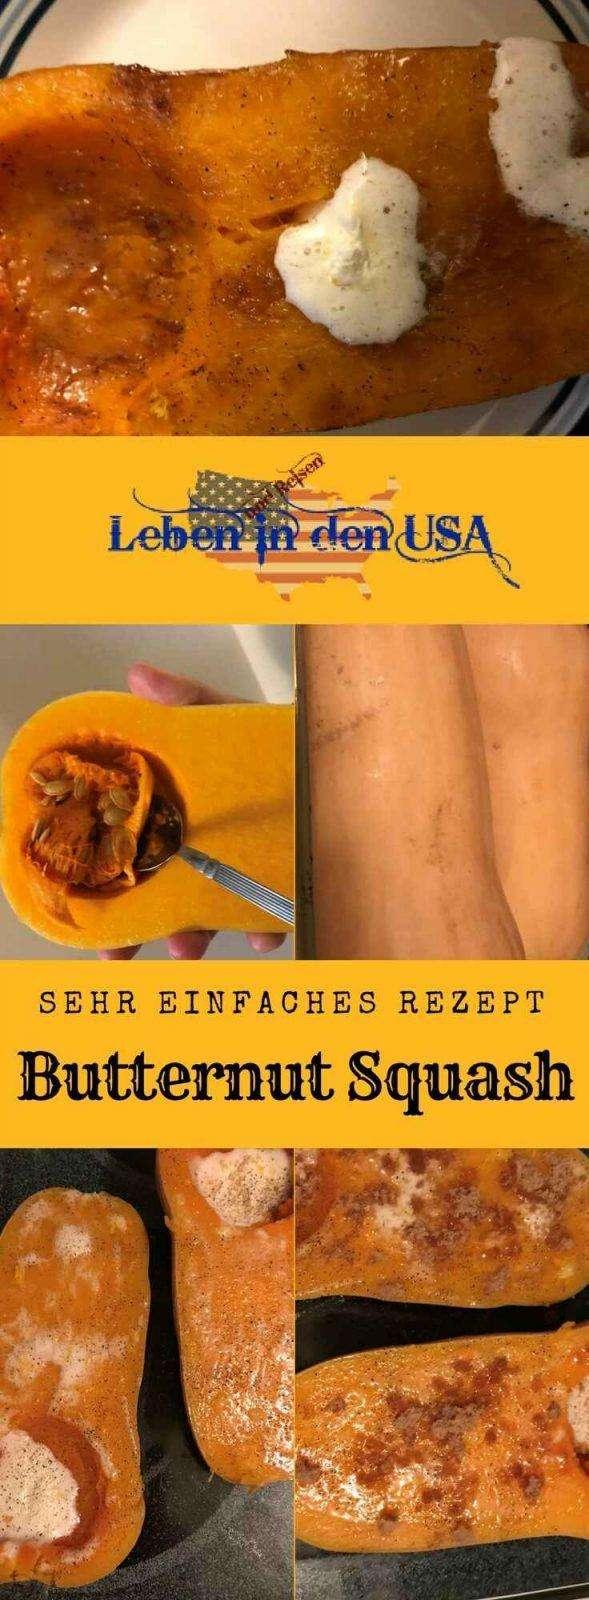 Herbstliches Rezept für Butternut Squash - Dieses einfache Rezept